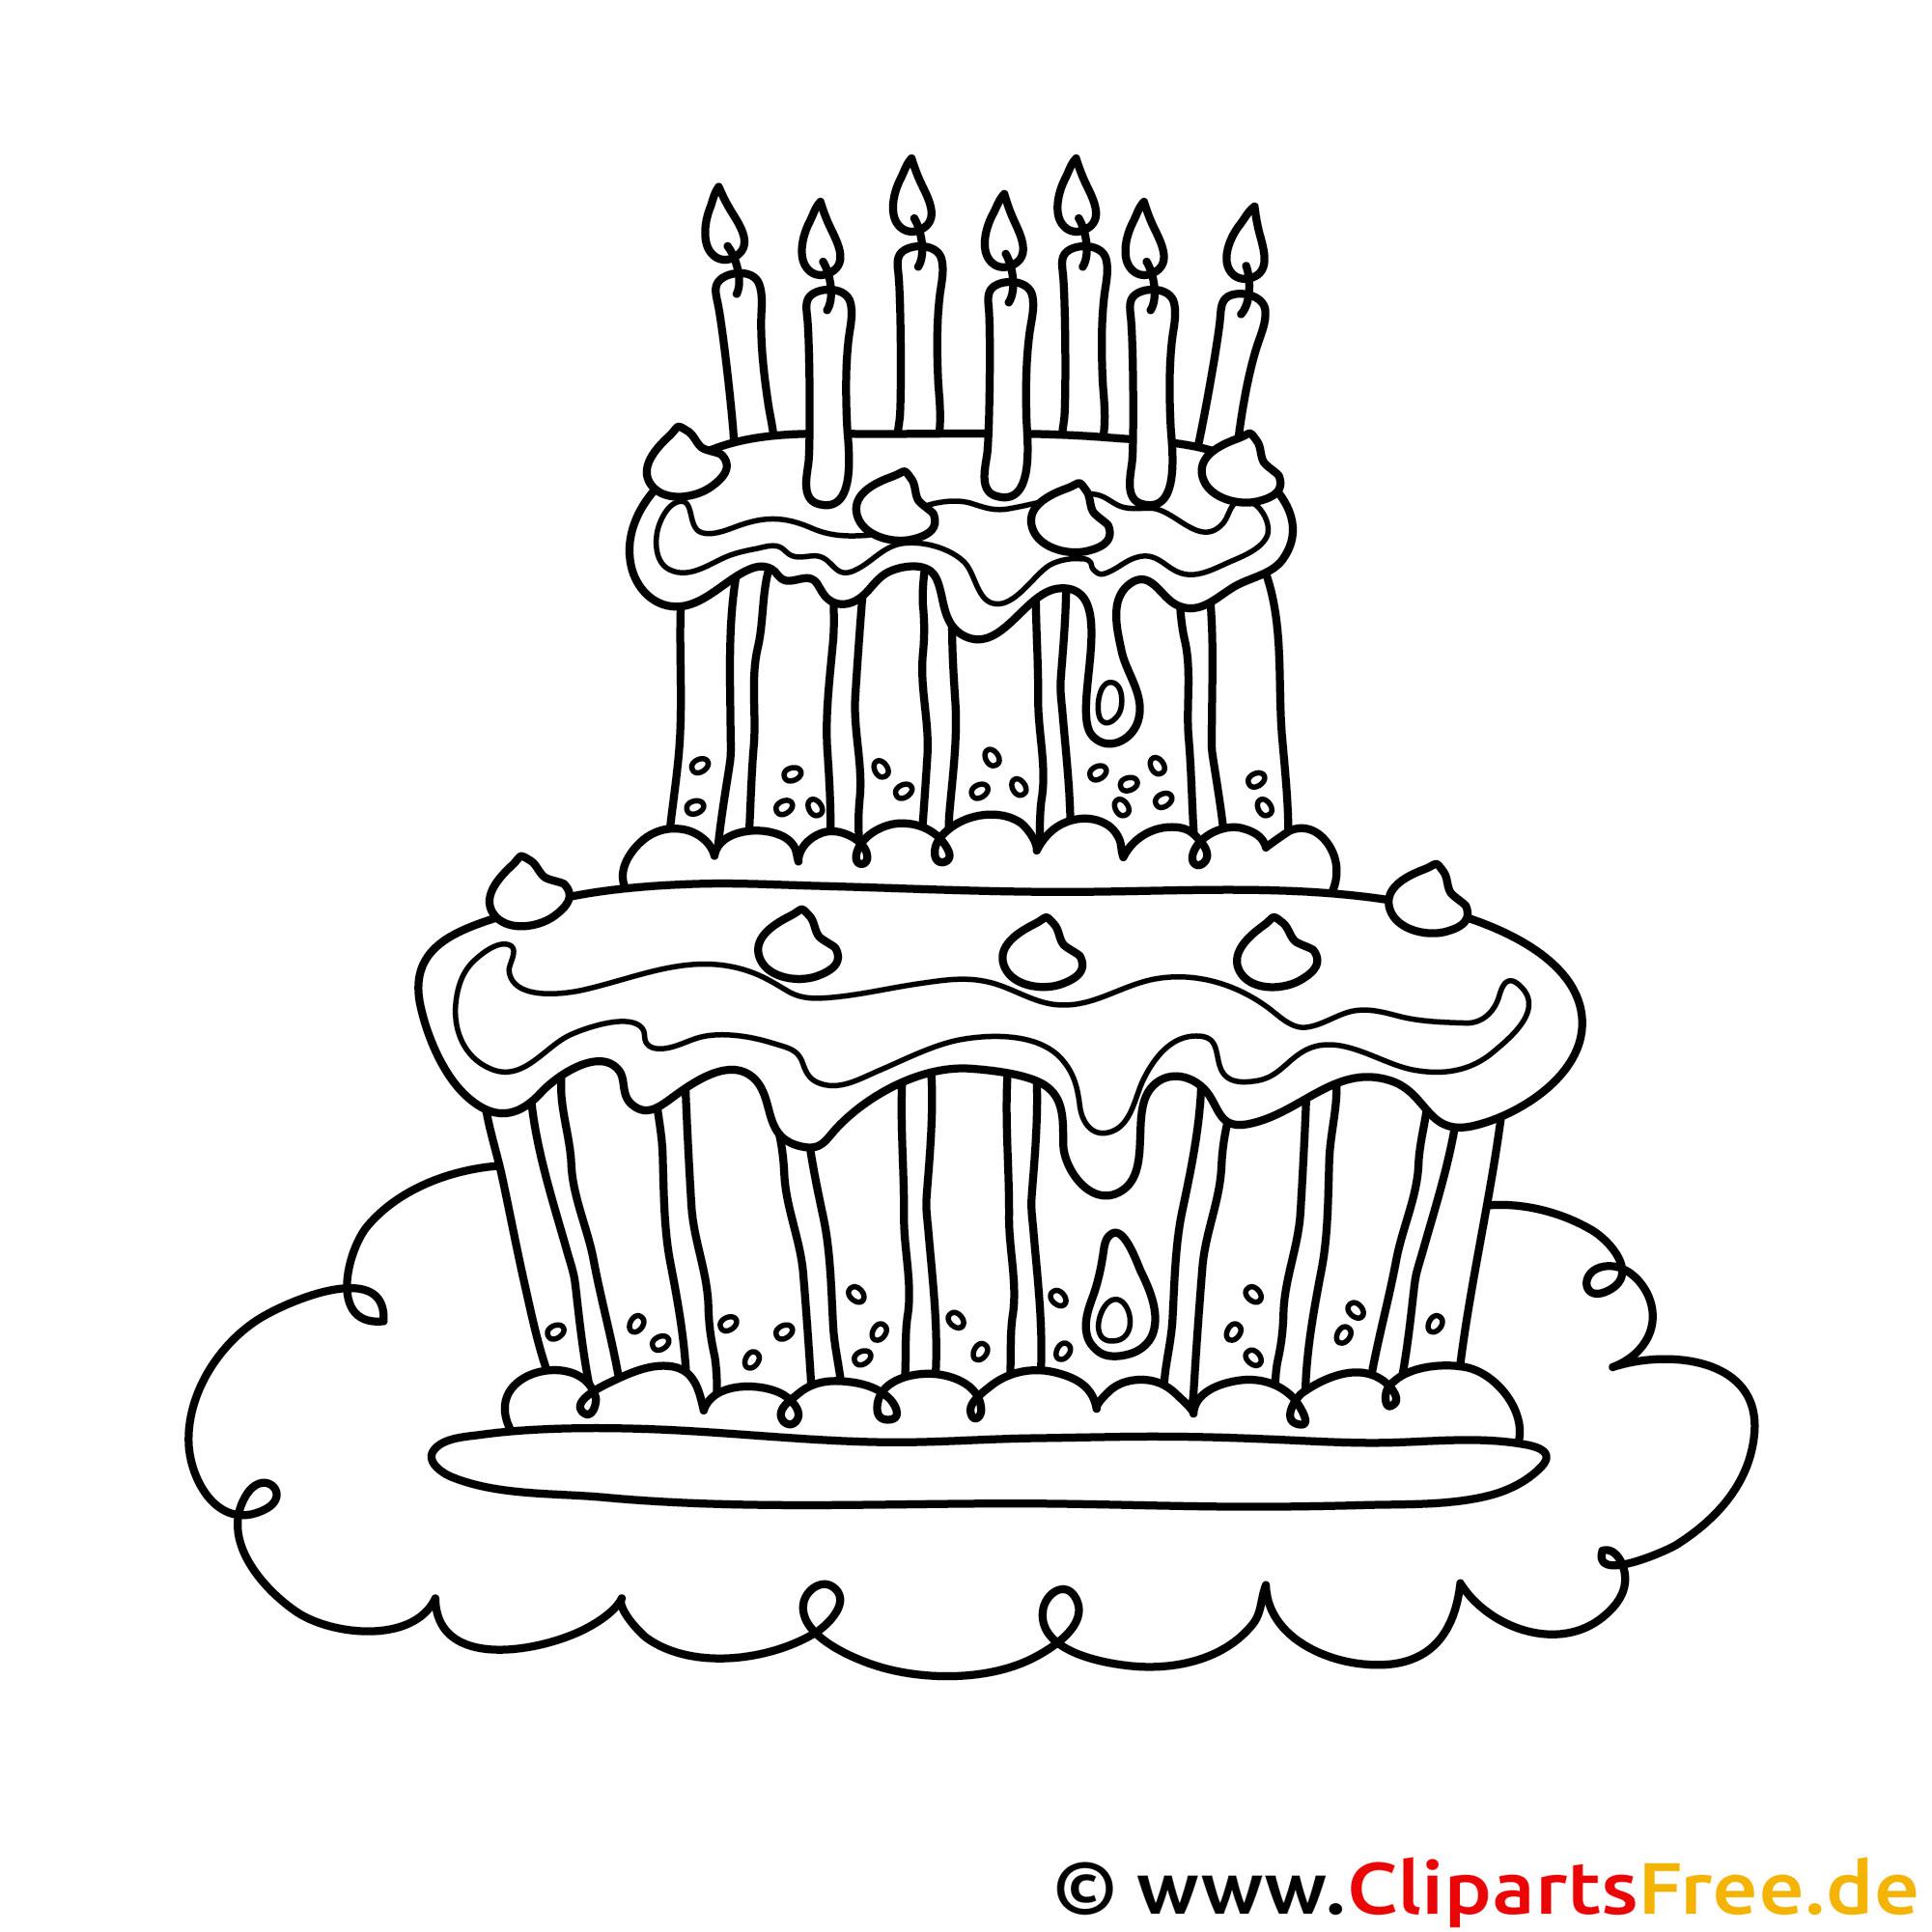 Kuchen mit Kerzen Bild zum Ausmalen, Malvorlage, Ausmalbild